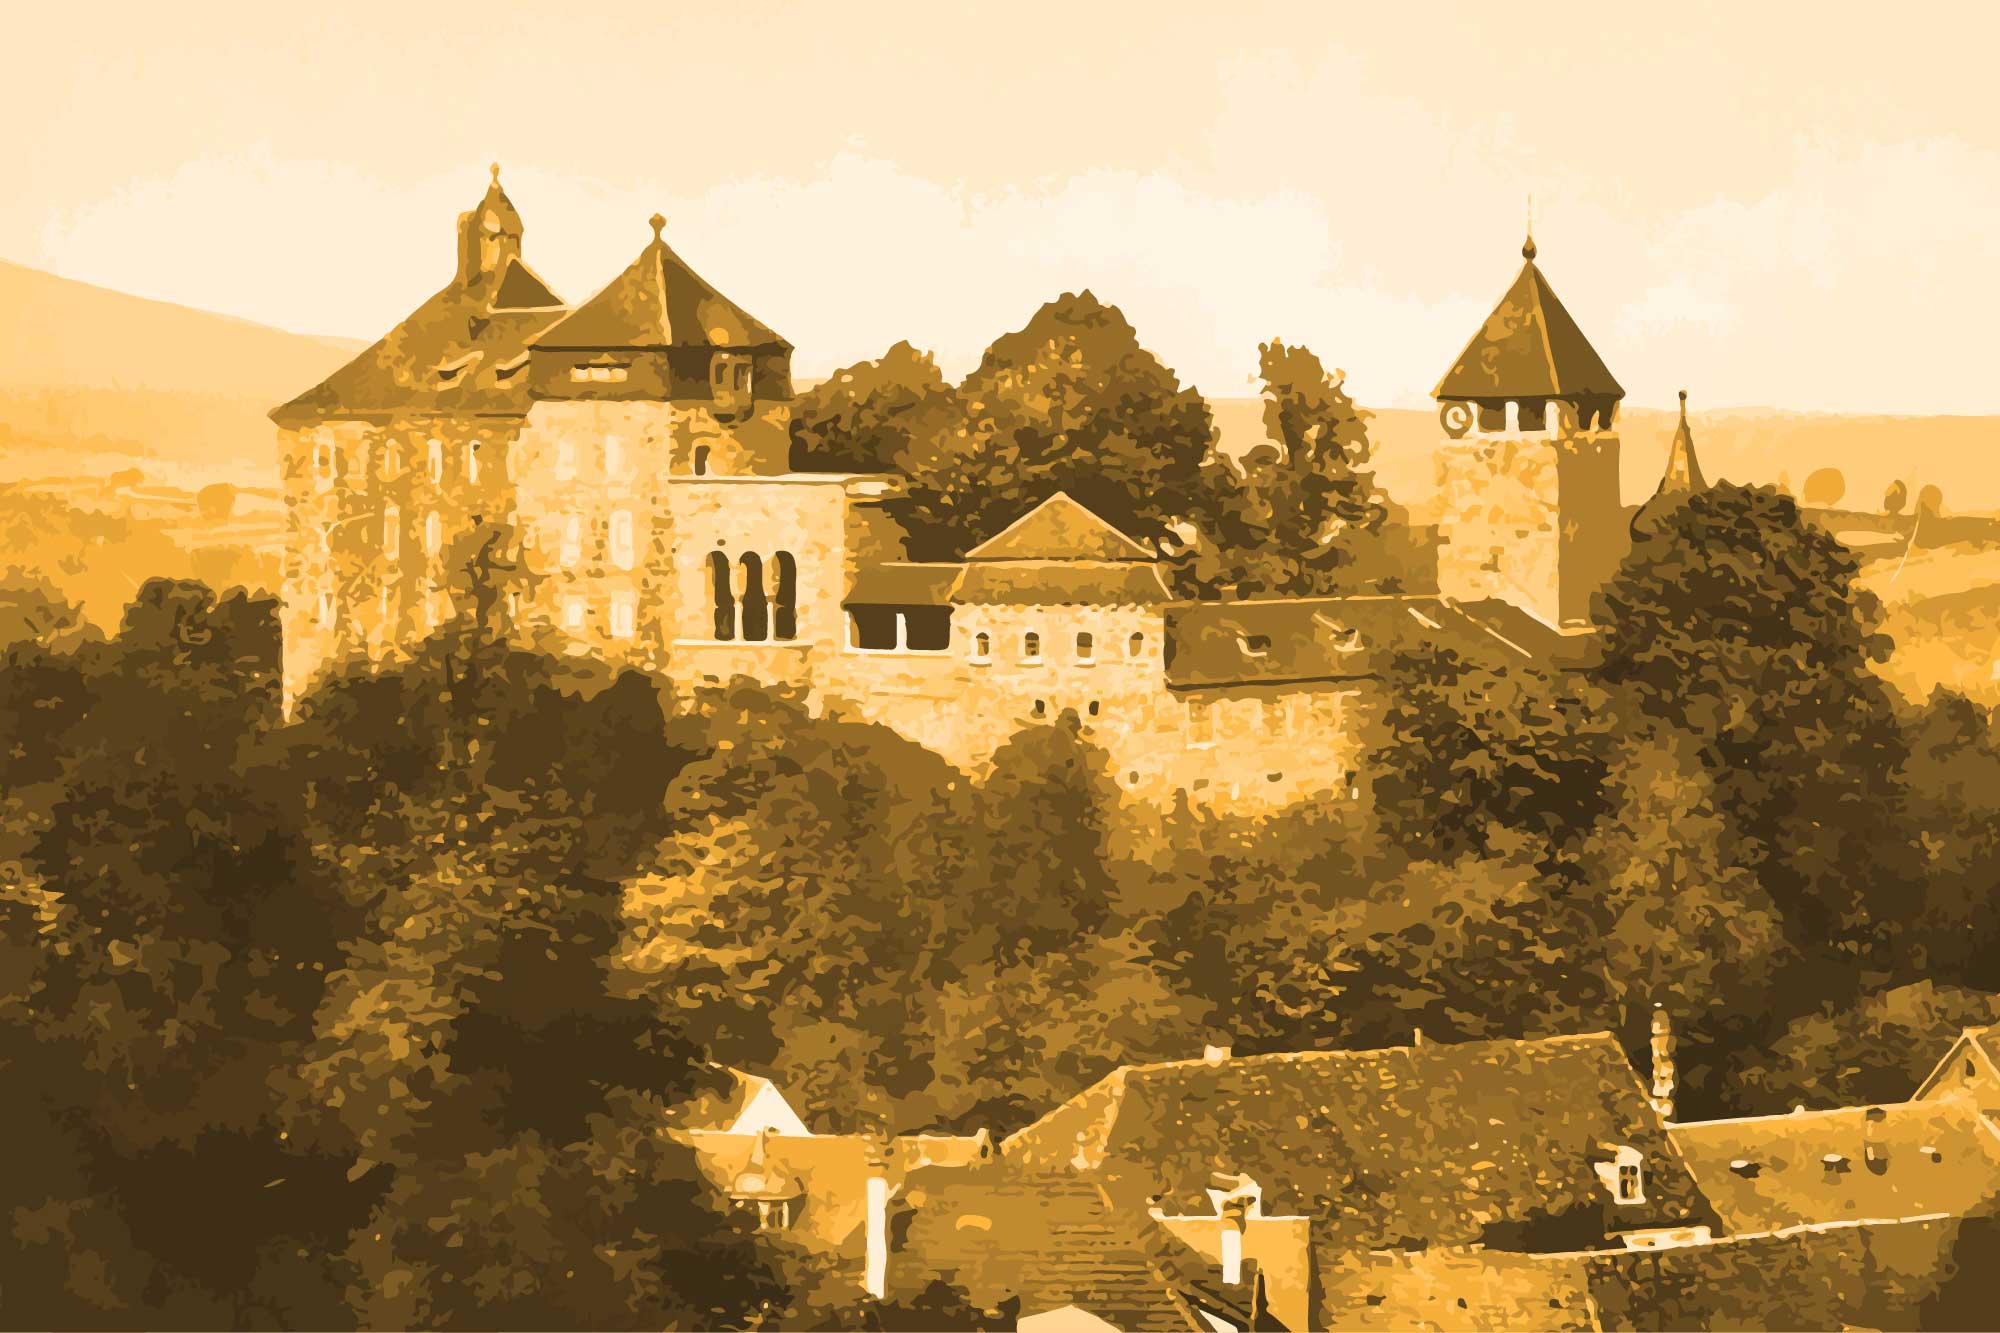 Schlossführung durch Schloss Elgersburg